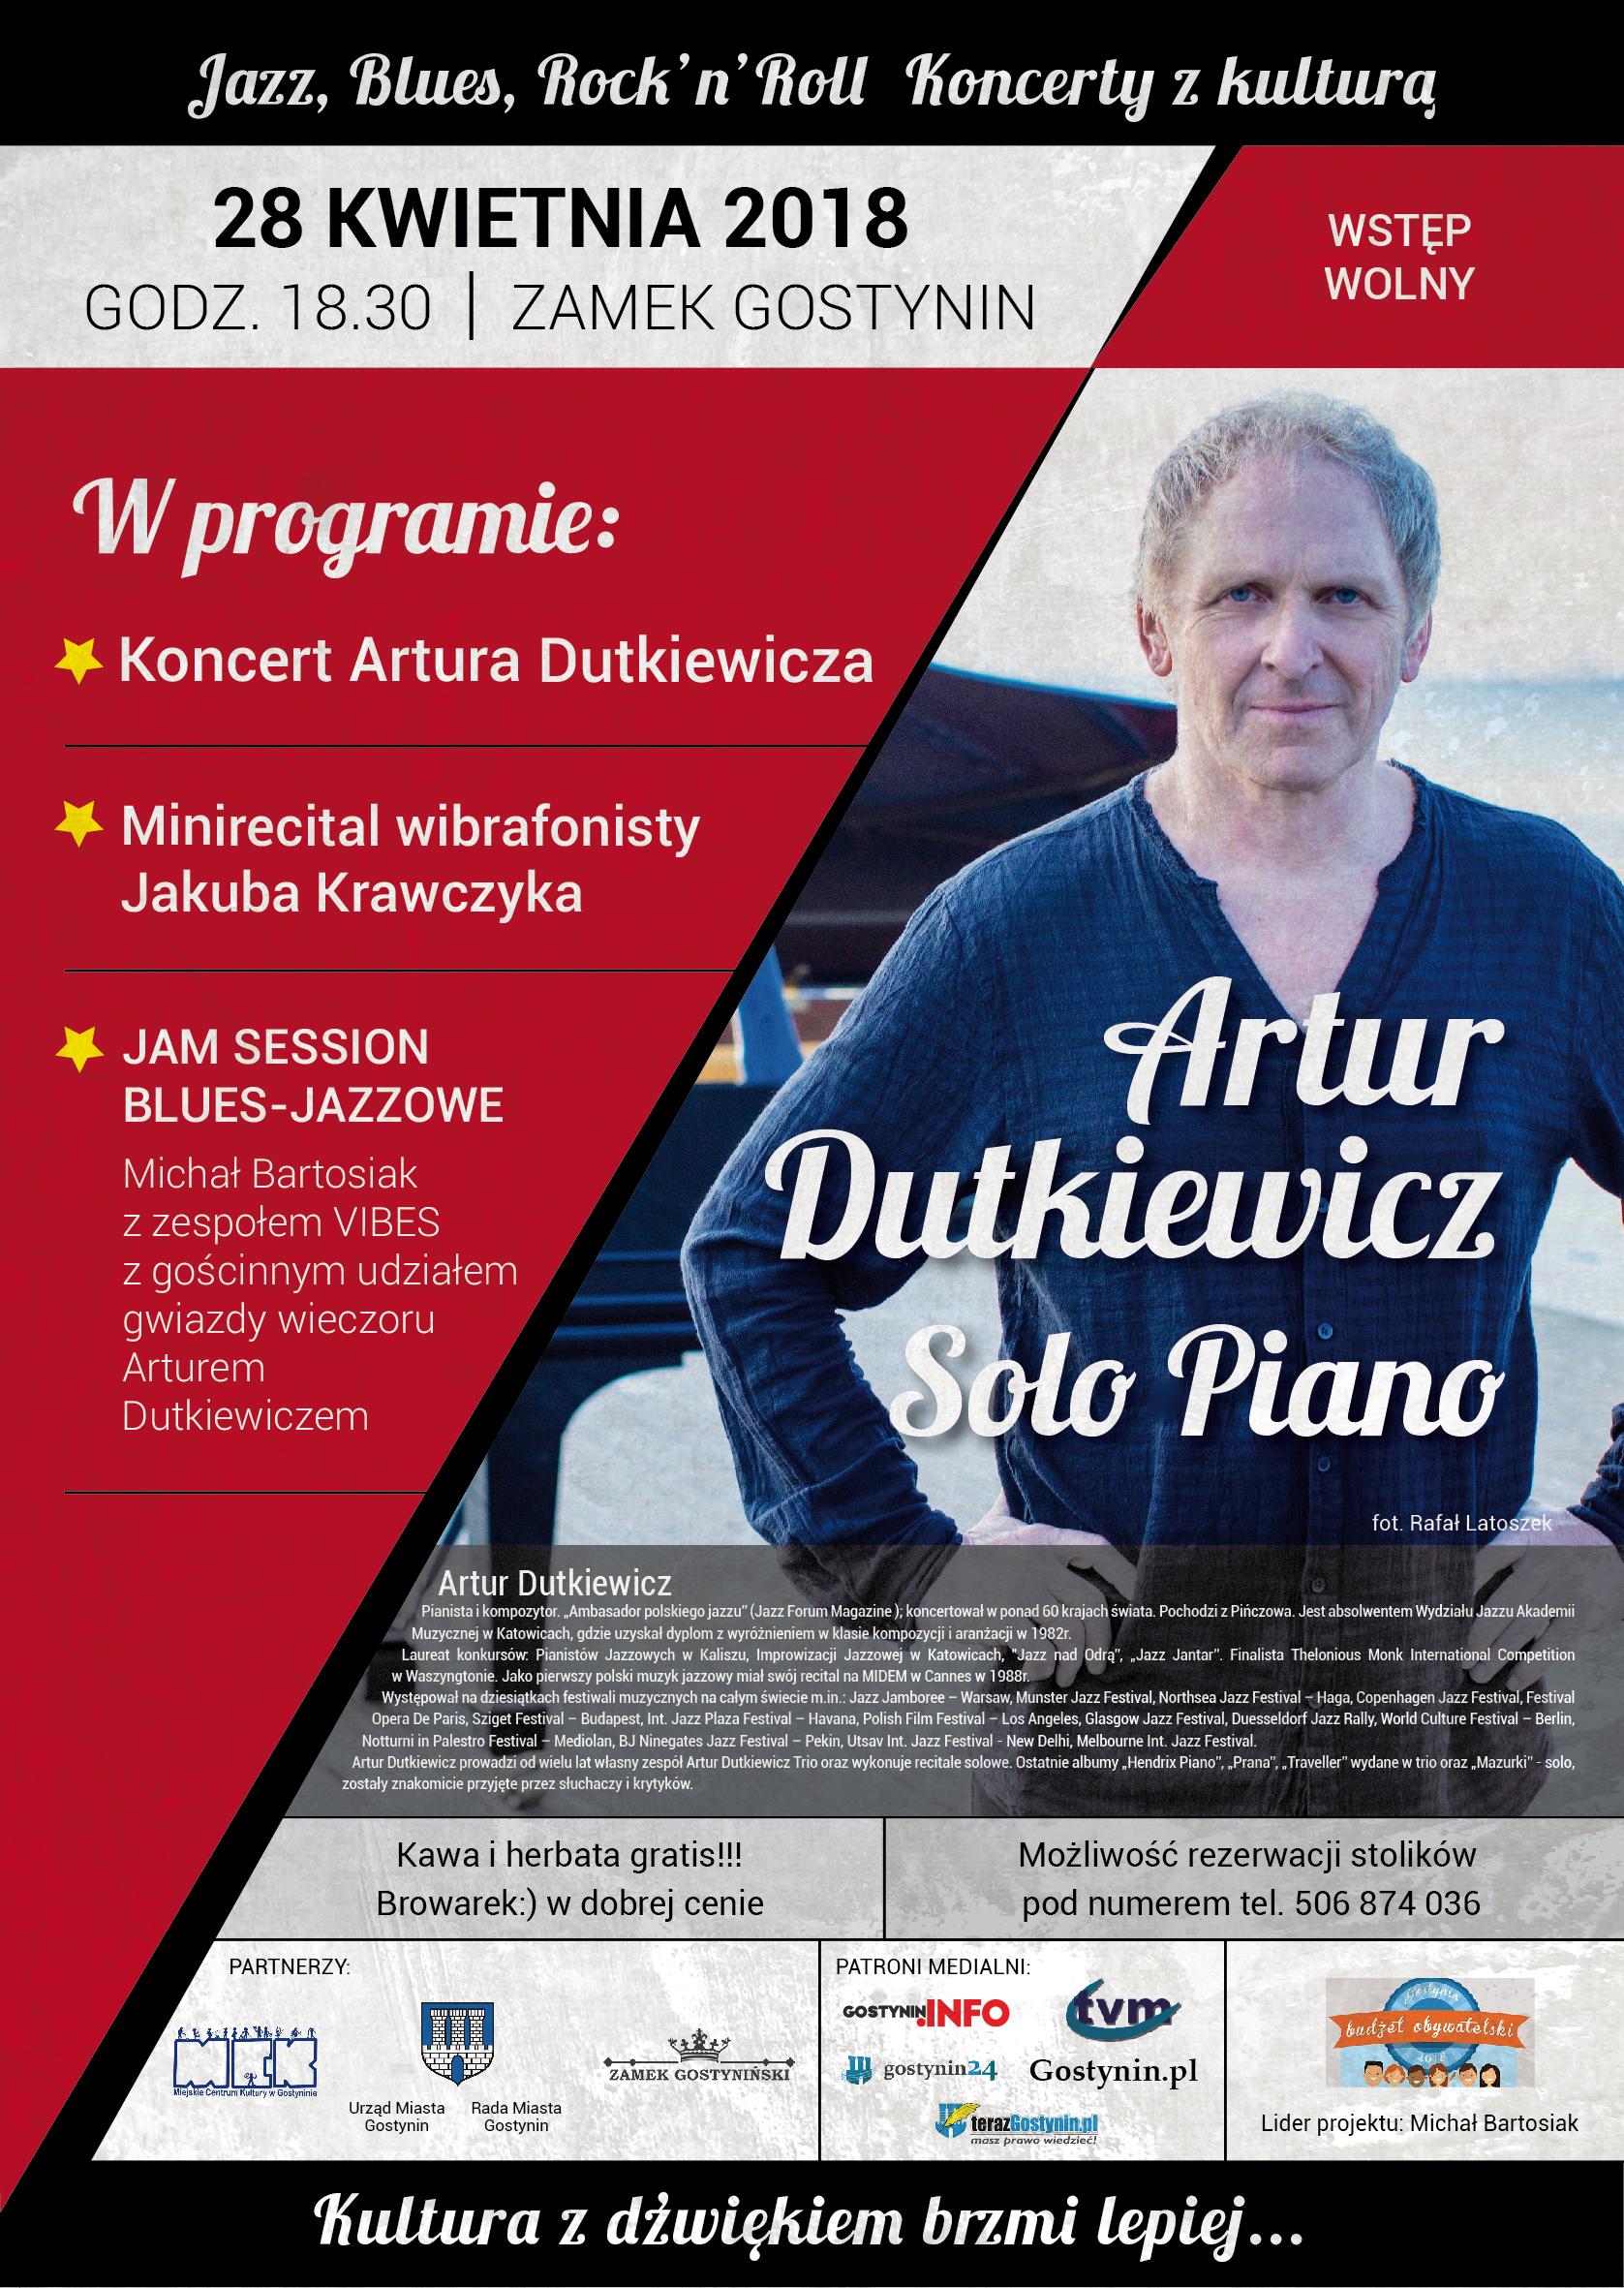 Artur Dutkiewicz Solo Piano